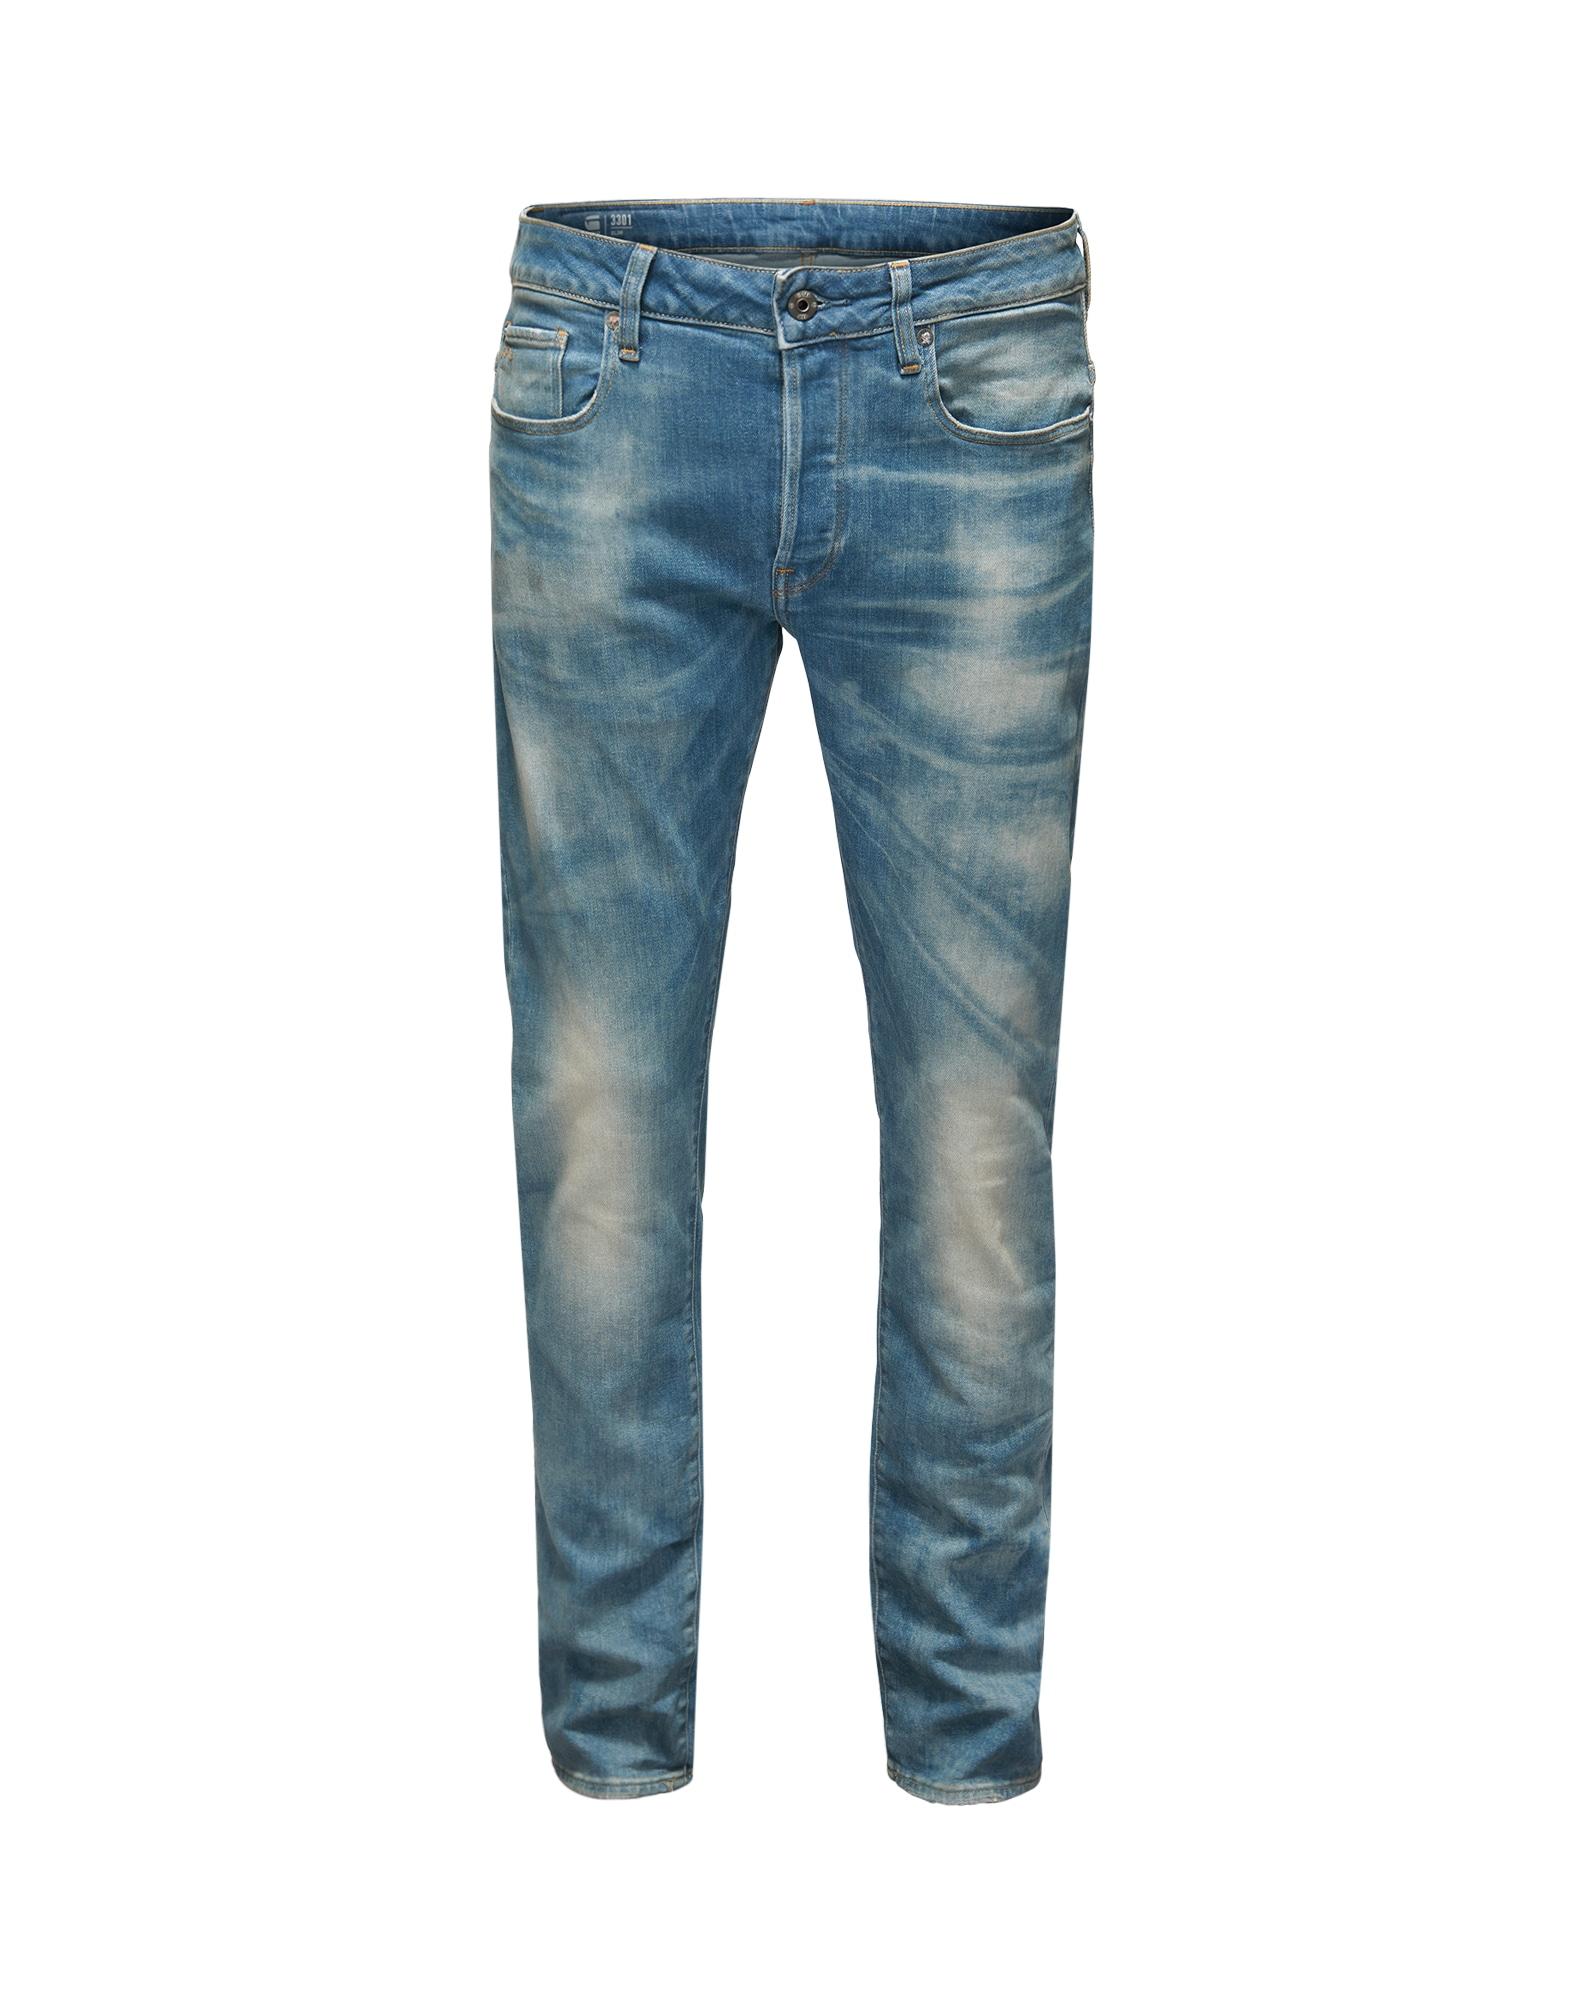 G-STAR RAW Heren Jeans 3301 Slim lichtblauw